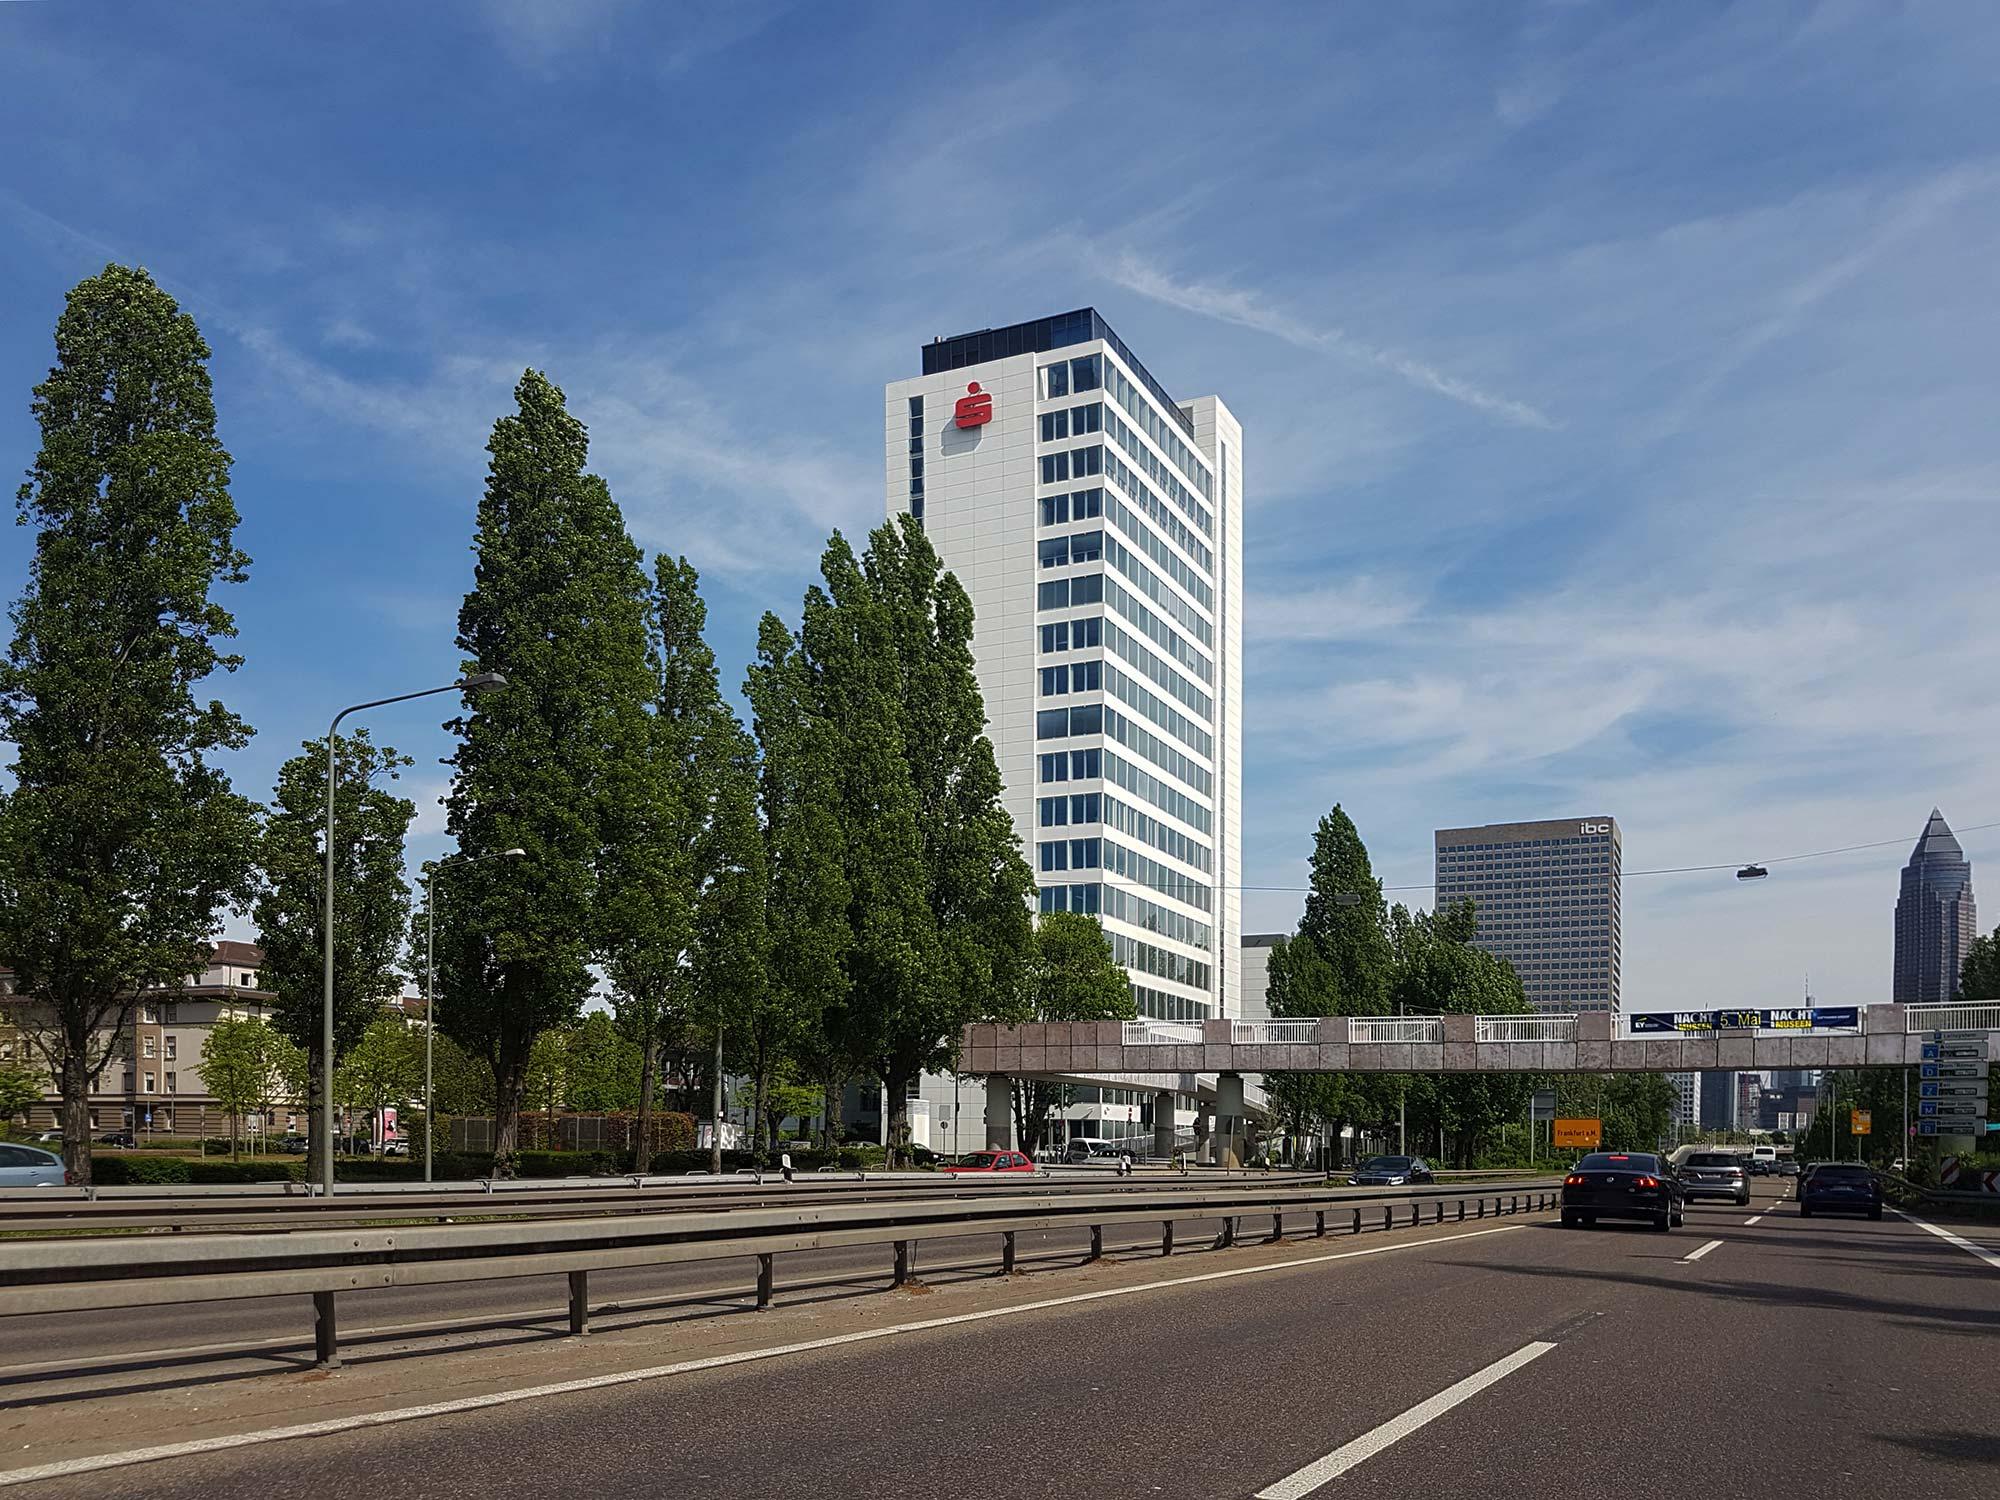 Sparkasse Finanz Informatik Frankfurt am Main - Hochhaus Hauptsitz Finanz Informatik - Theodor Heuss Allee FFM